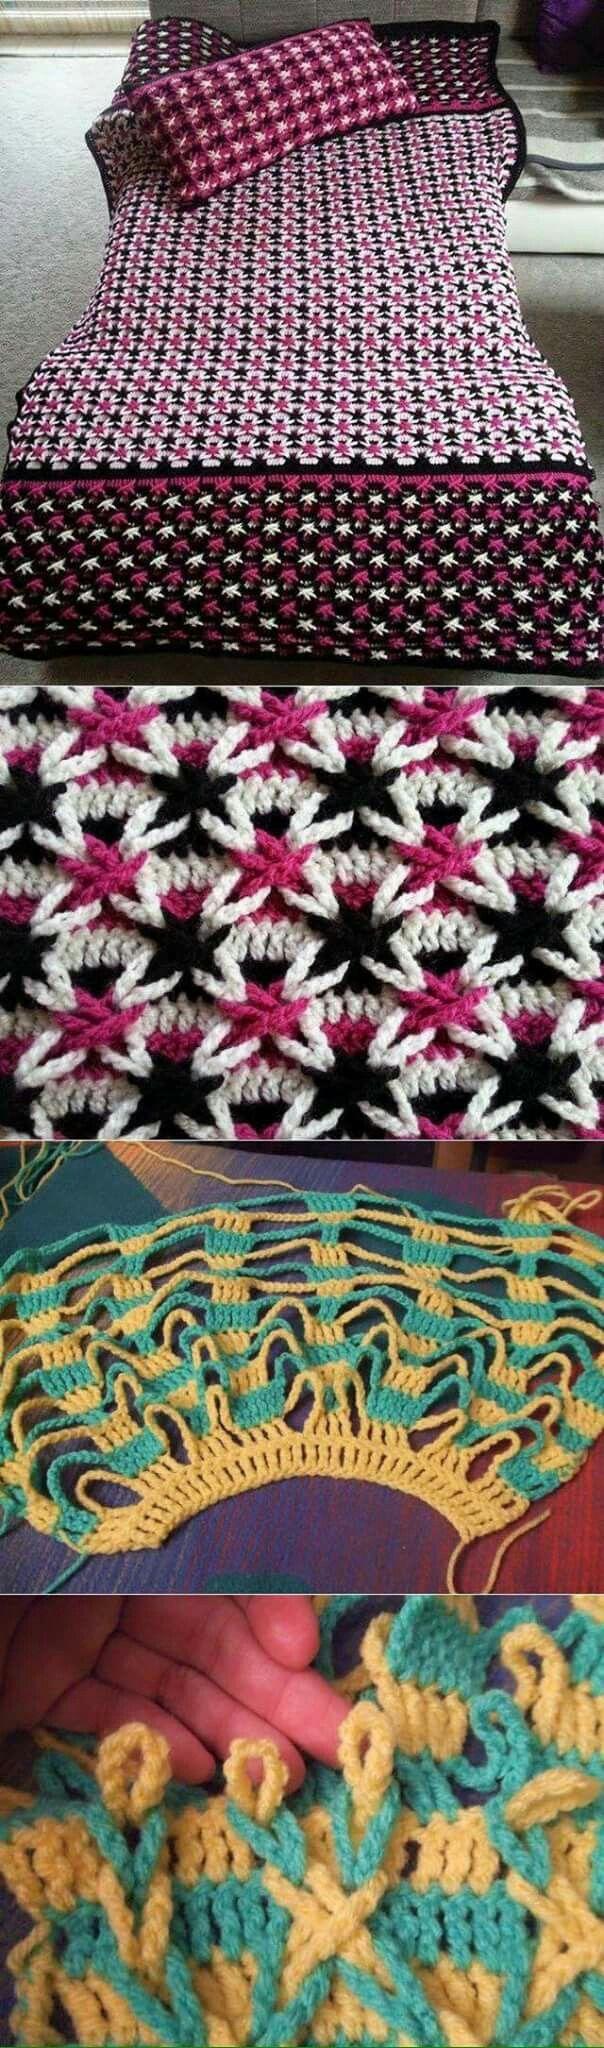 110 besten Todo Crochet♡ Bilder auf Pinterest | Häkelmaschen ...